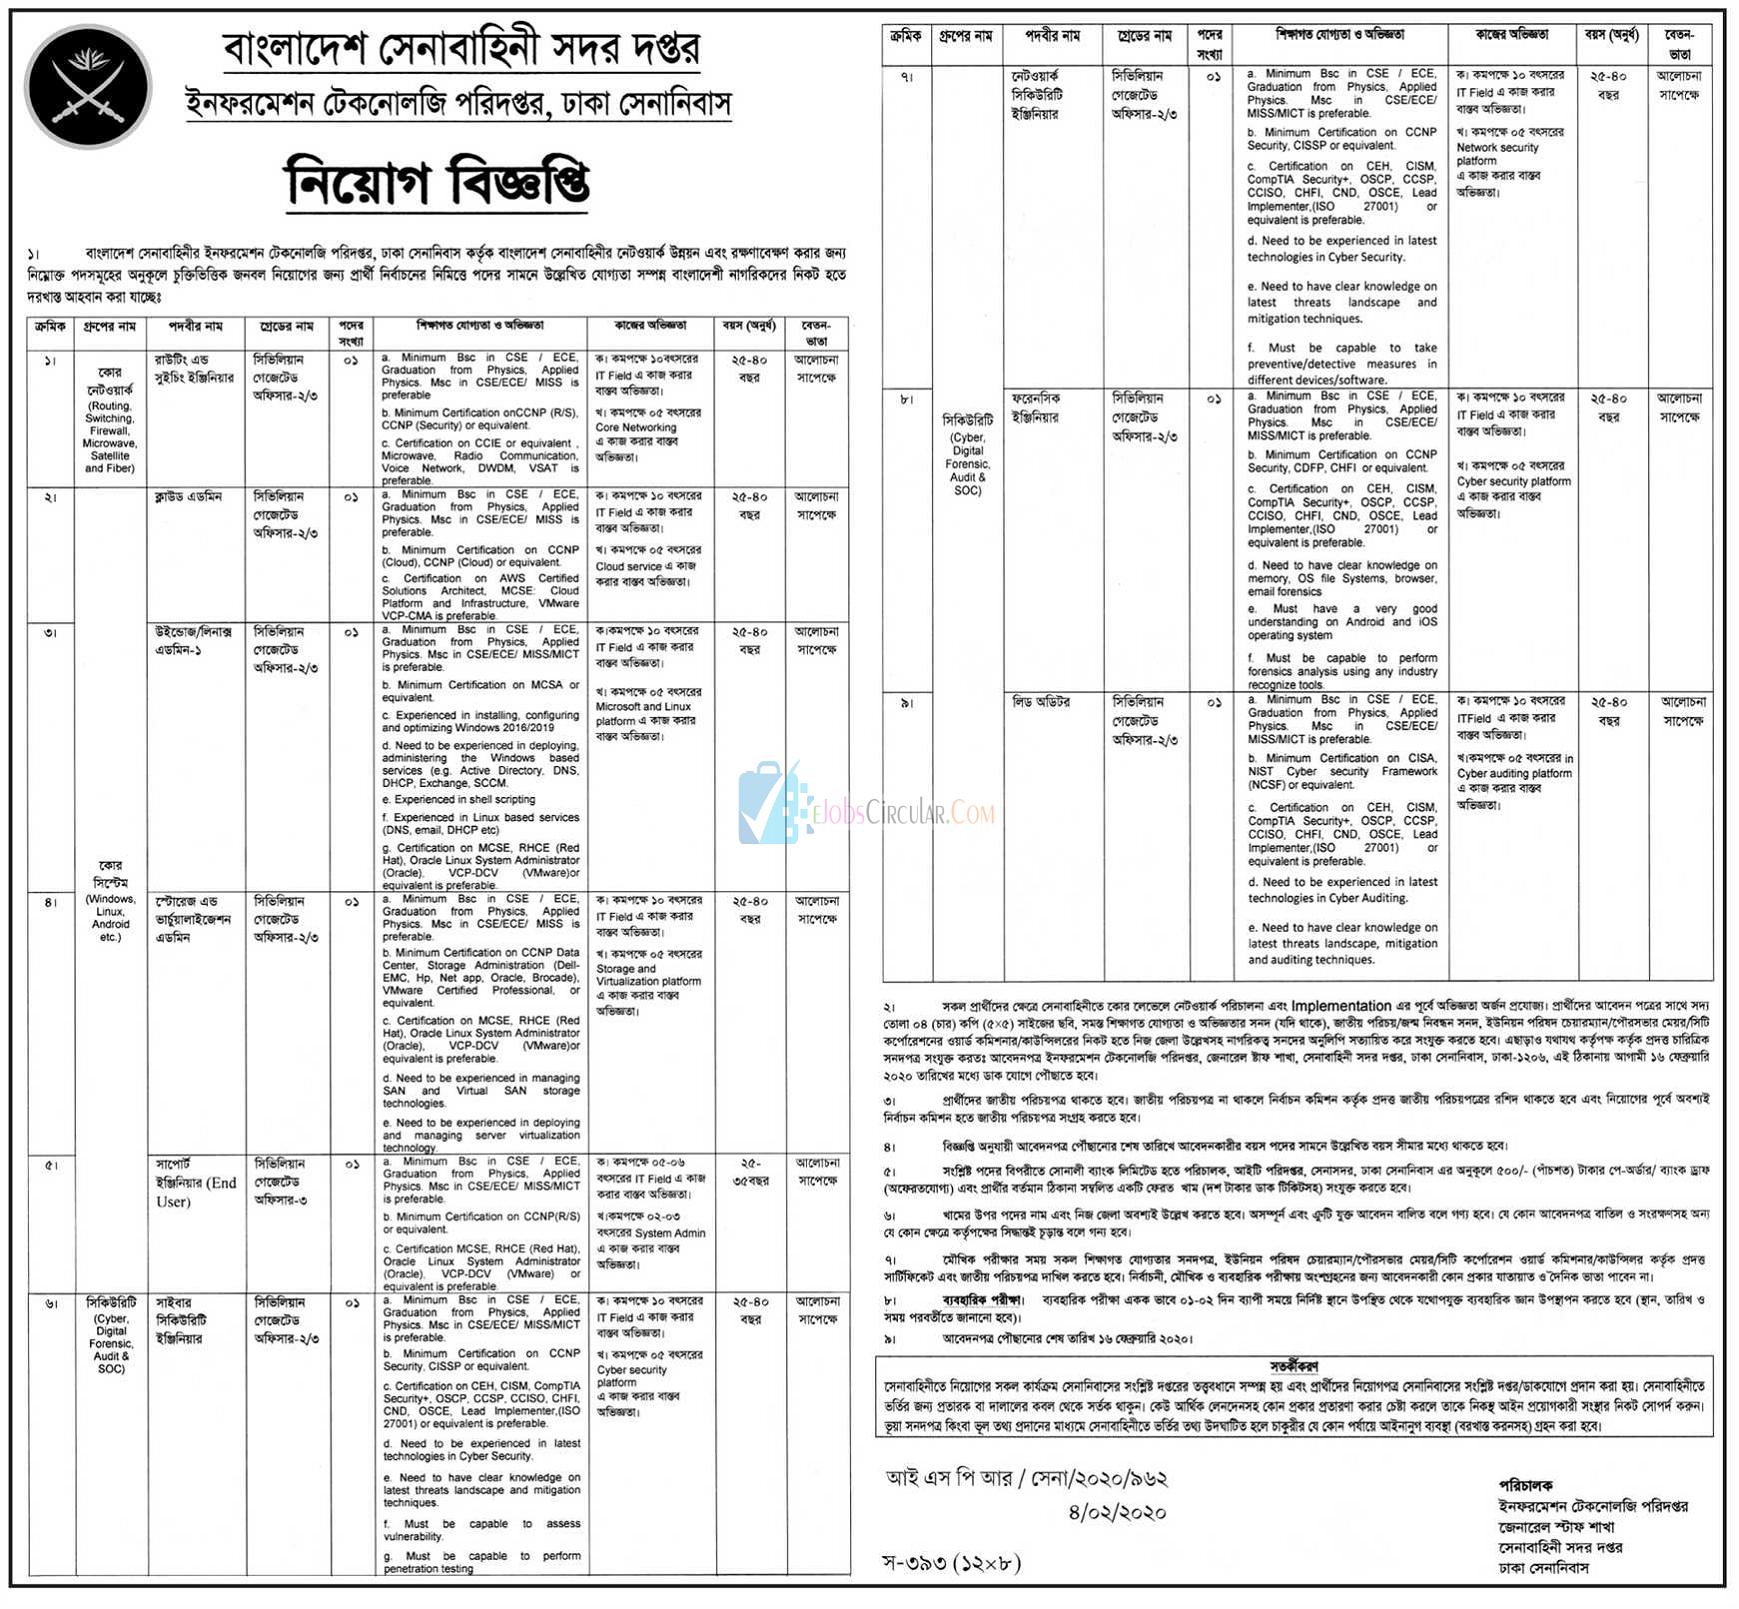 Dhaka Cantonment Job Circular 2020